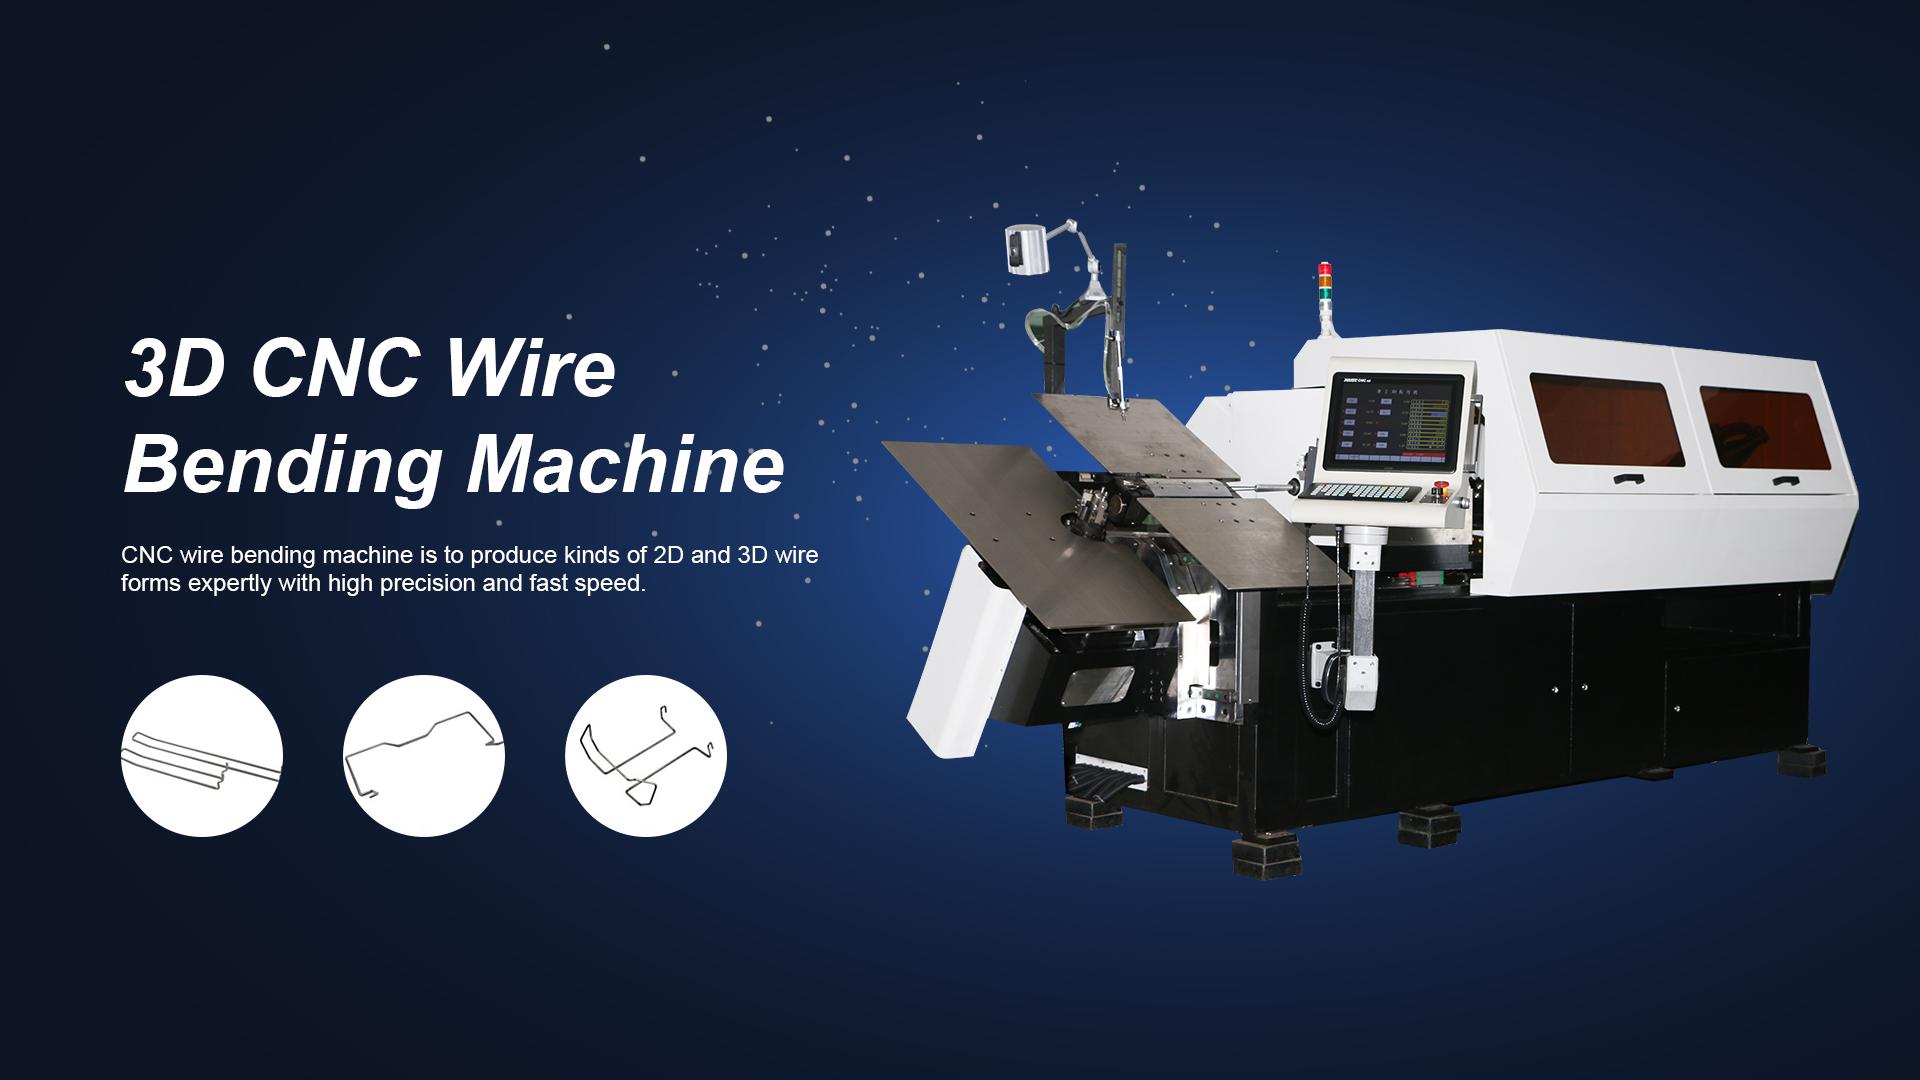 CNCワイヤーを形作る6つの主なポイント